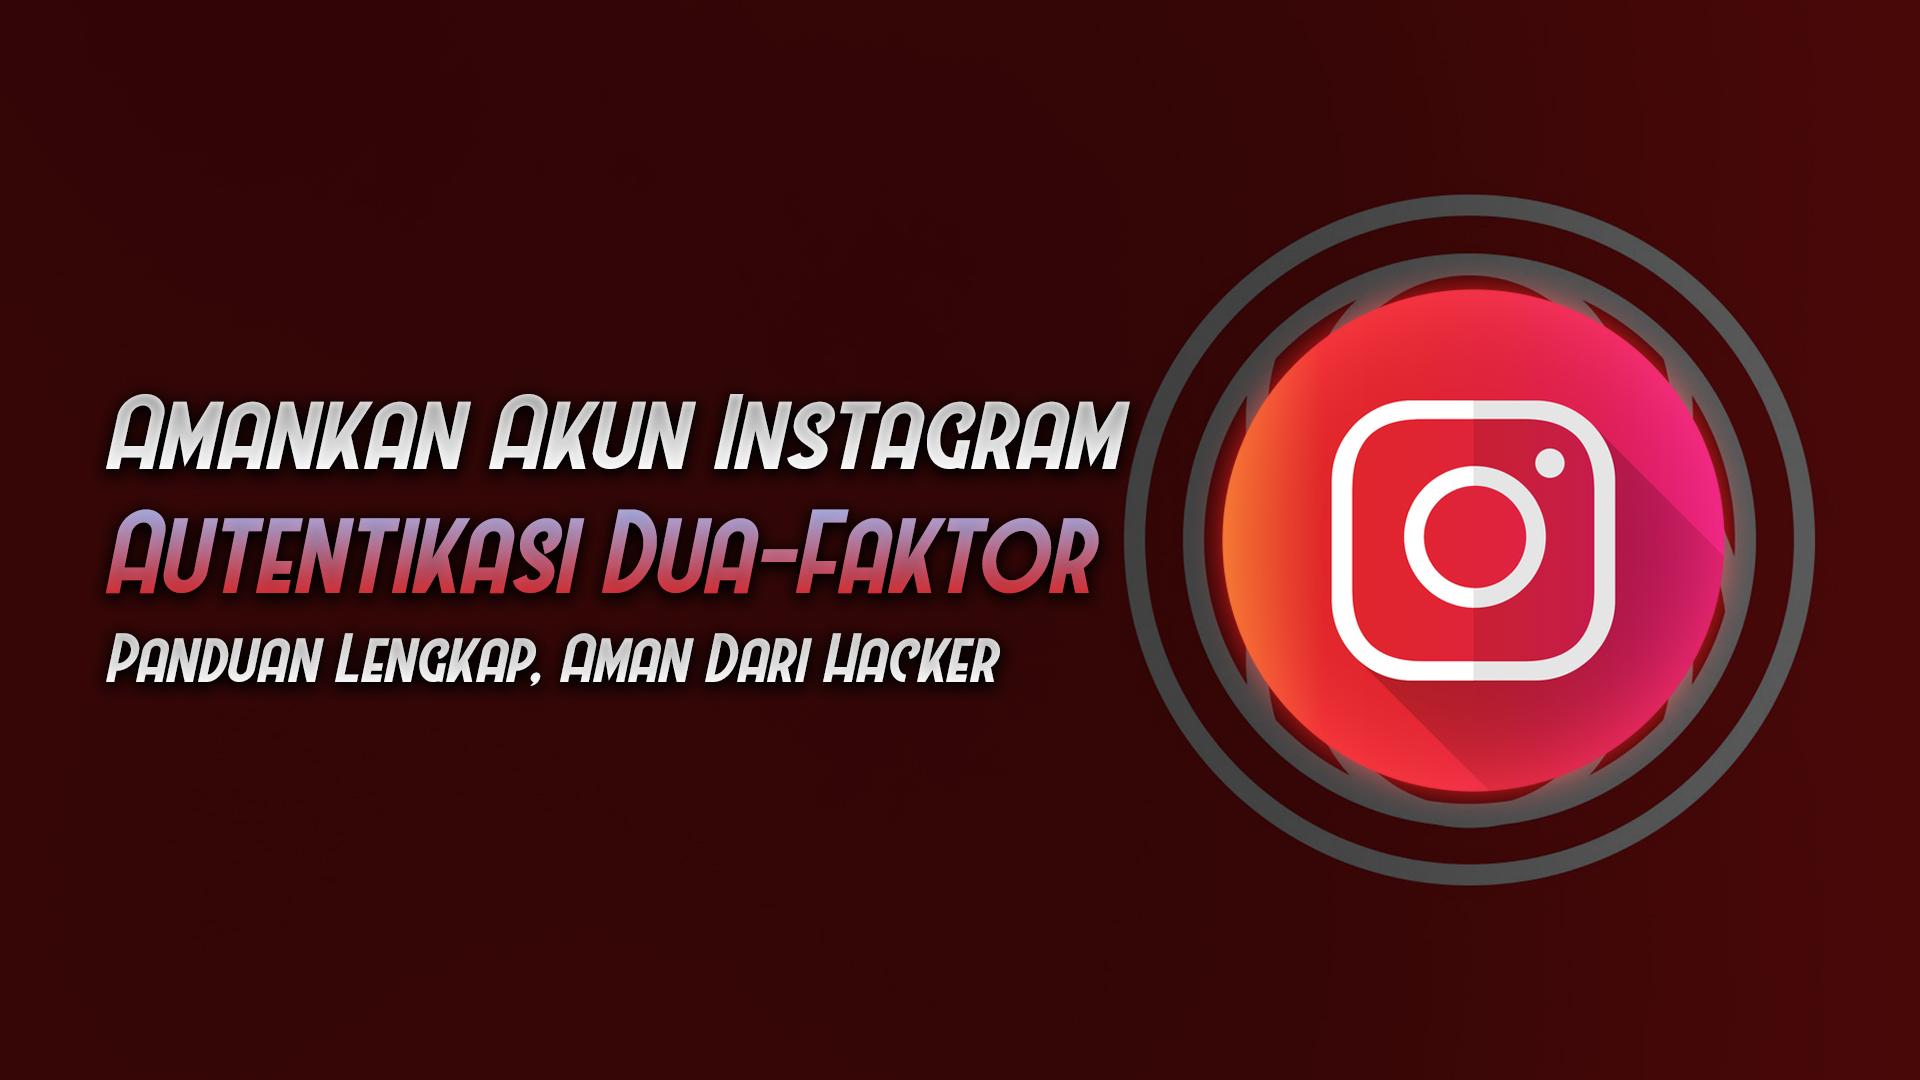 amankan akun instagram autnetikasi dua faktor - rio bermano